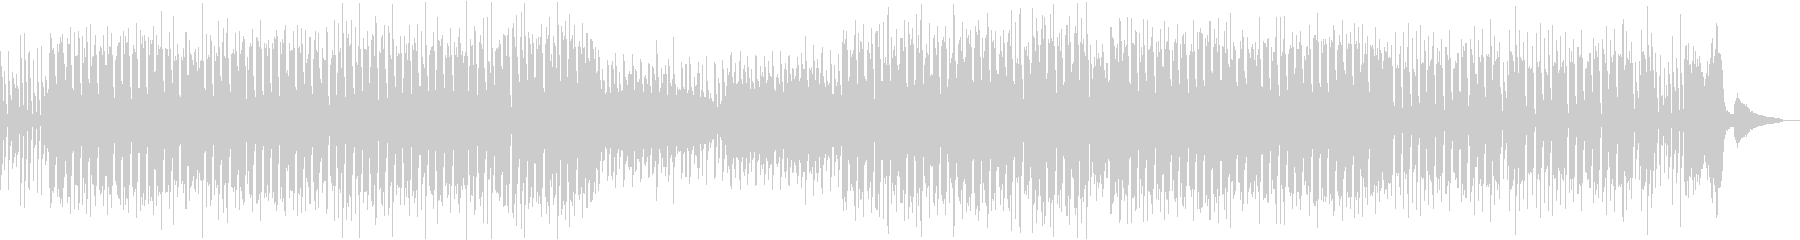 怪しいハロウィンおばけパーティBGMの未再生の波形